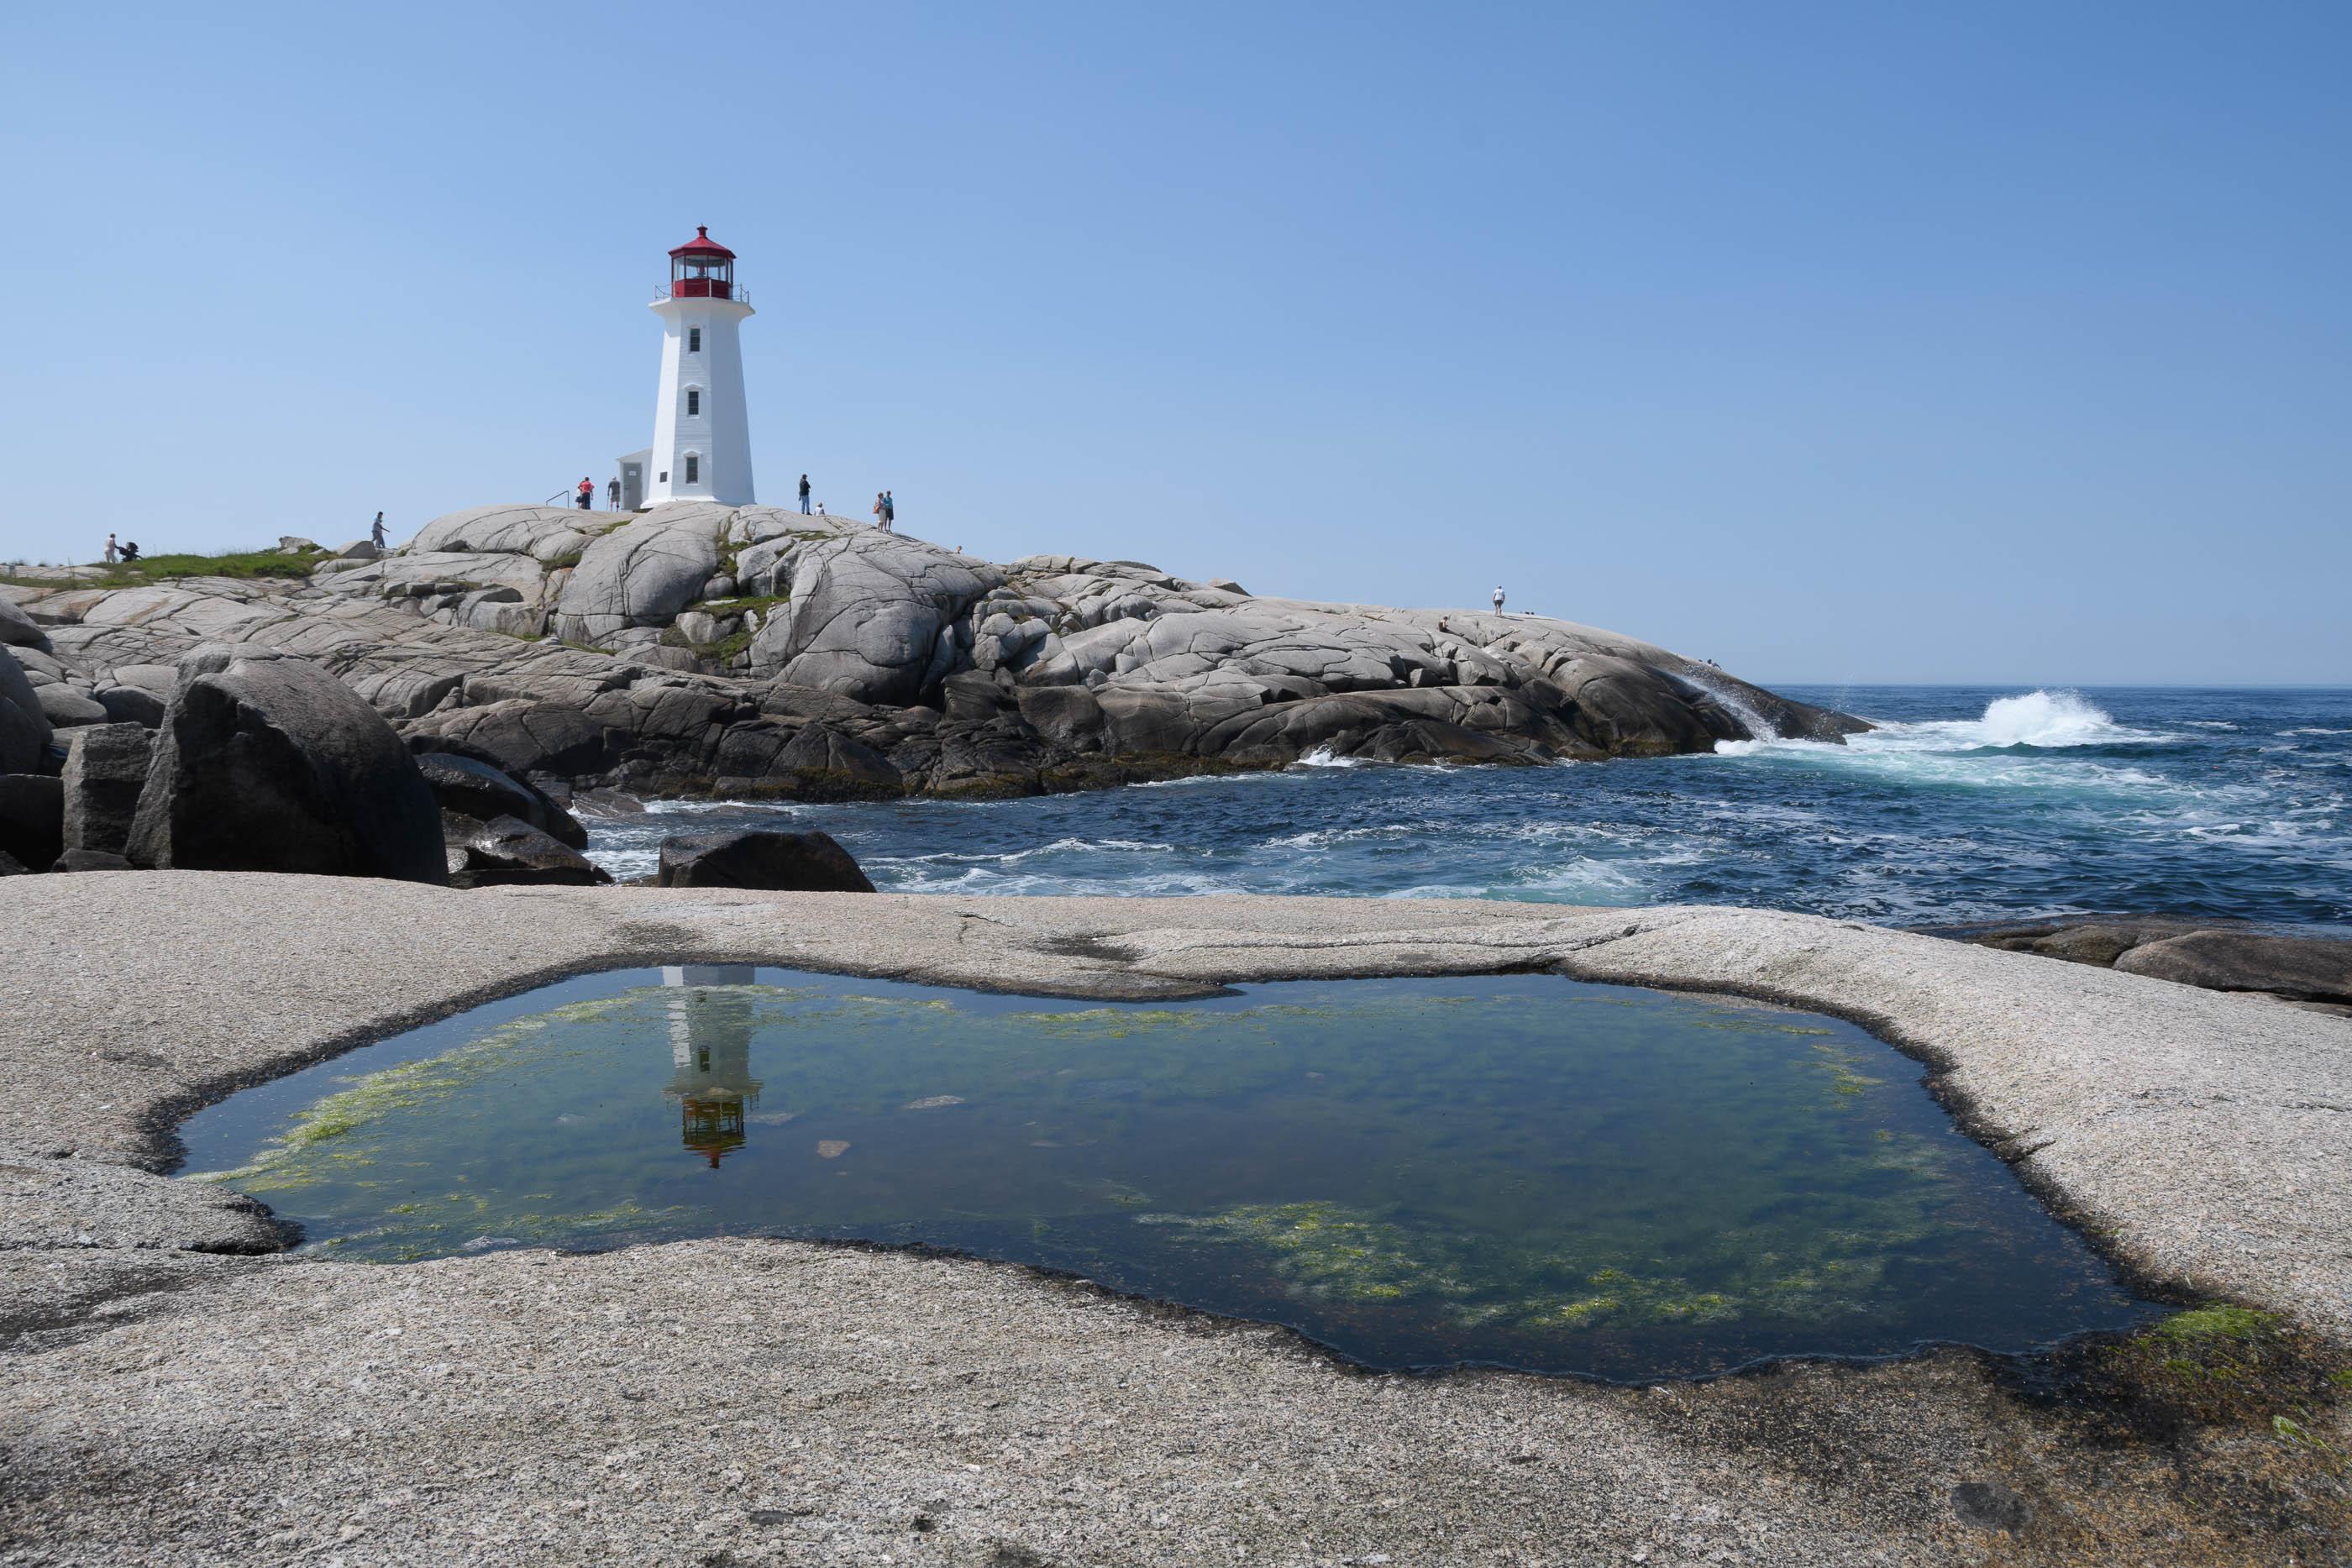 Gallery CAN NS Nova Scotia